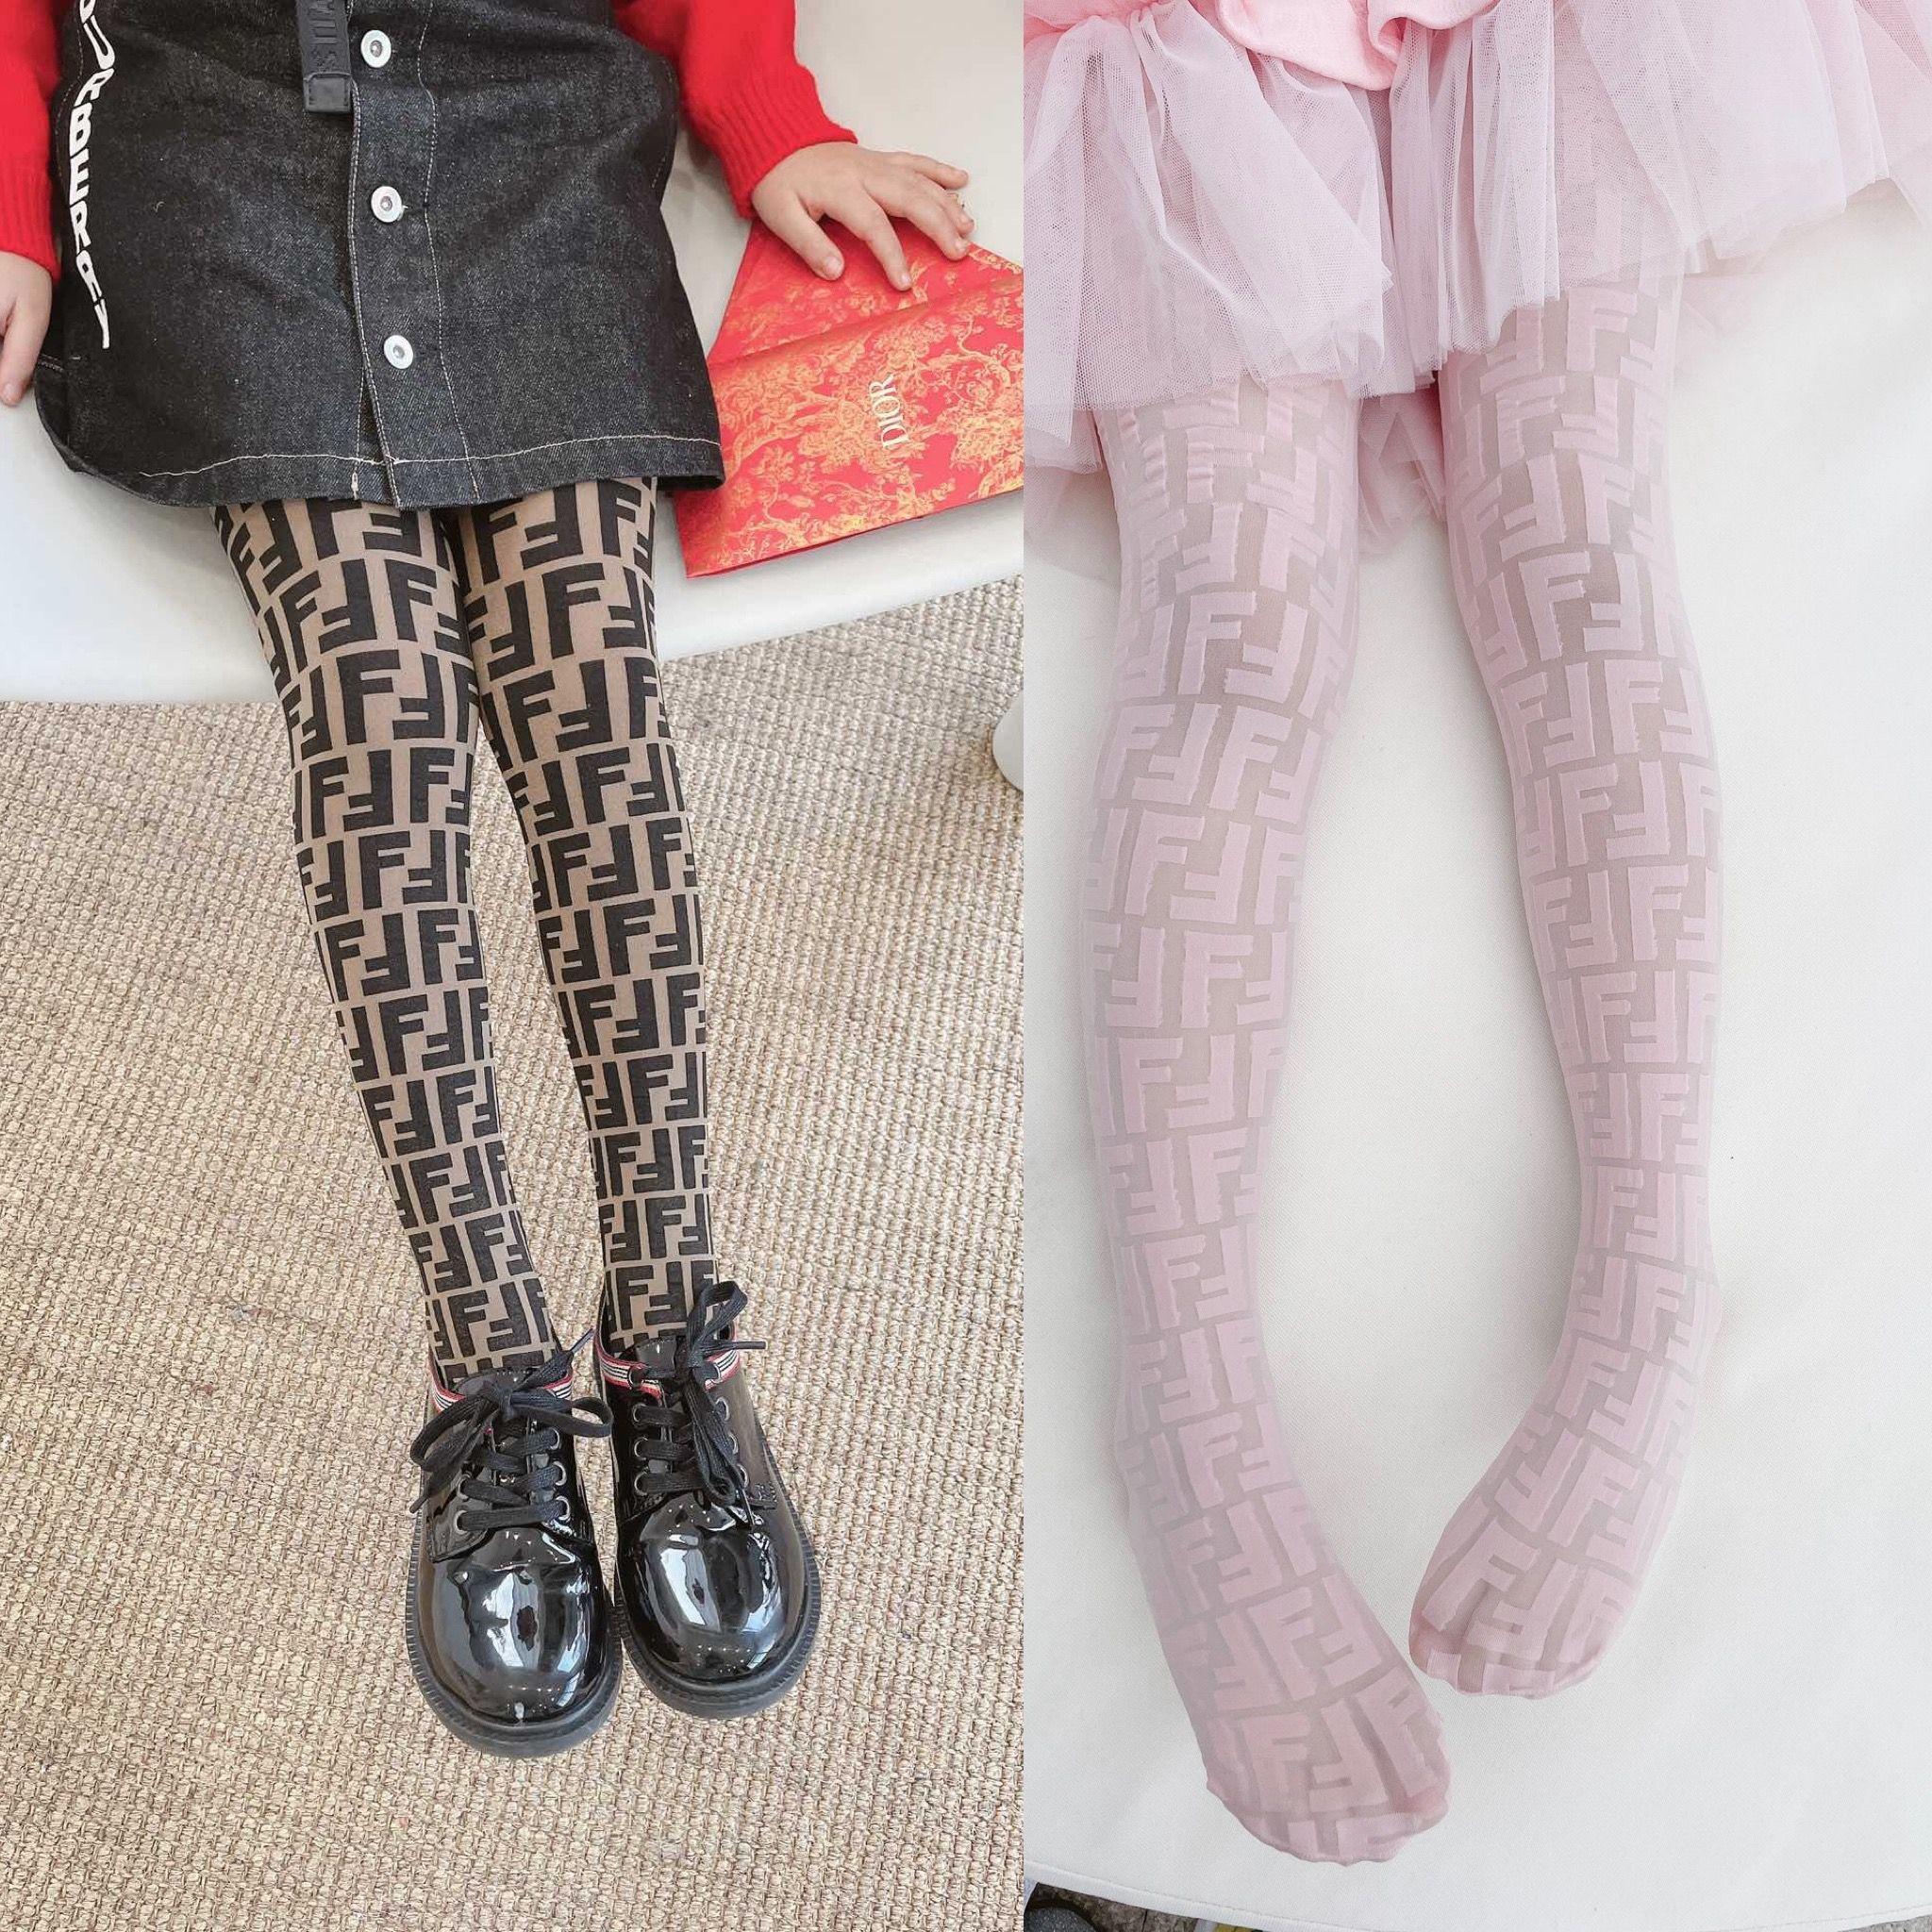 Frete grátis meninas meia-calça meias crianças menina dança meias moda crianças legging bebê ballet meias doces meias sólidas